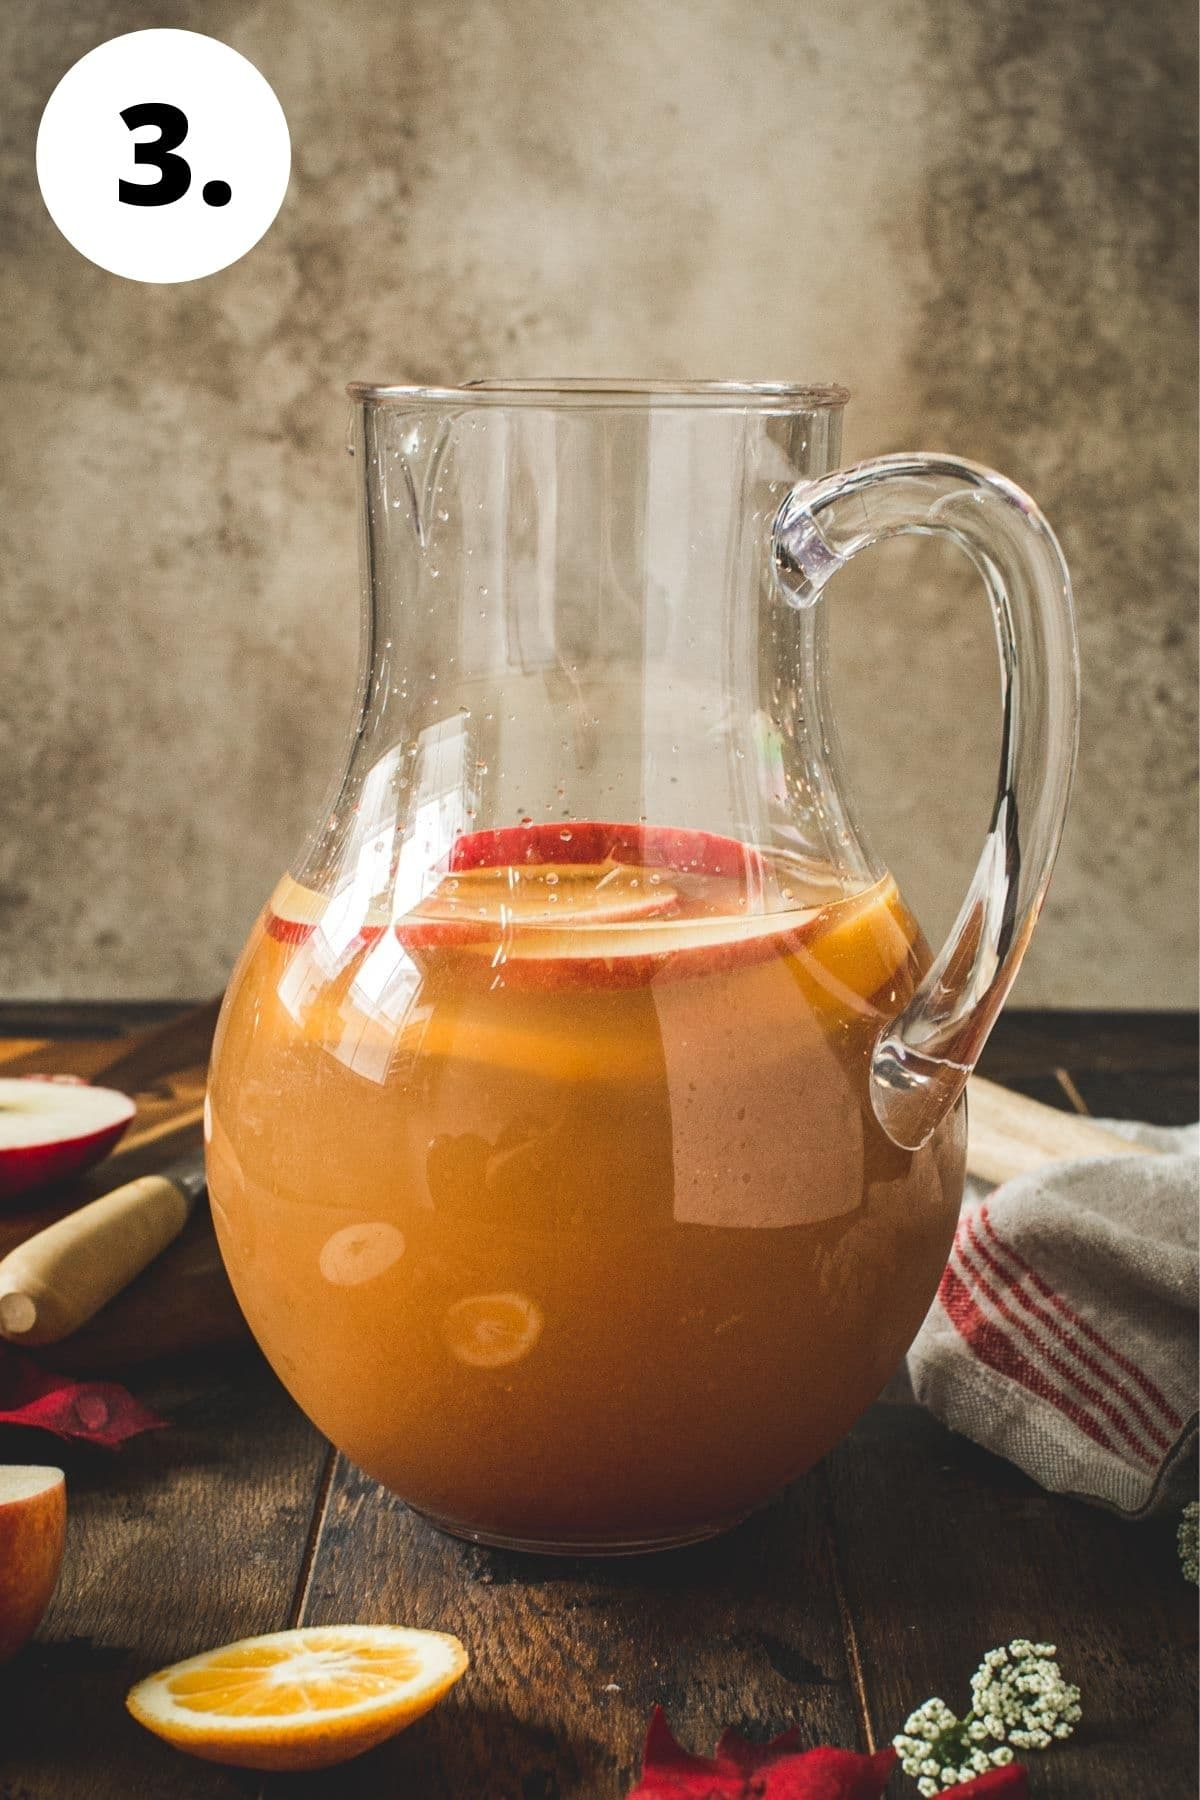 Caramel apple sangria process step 3.